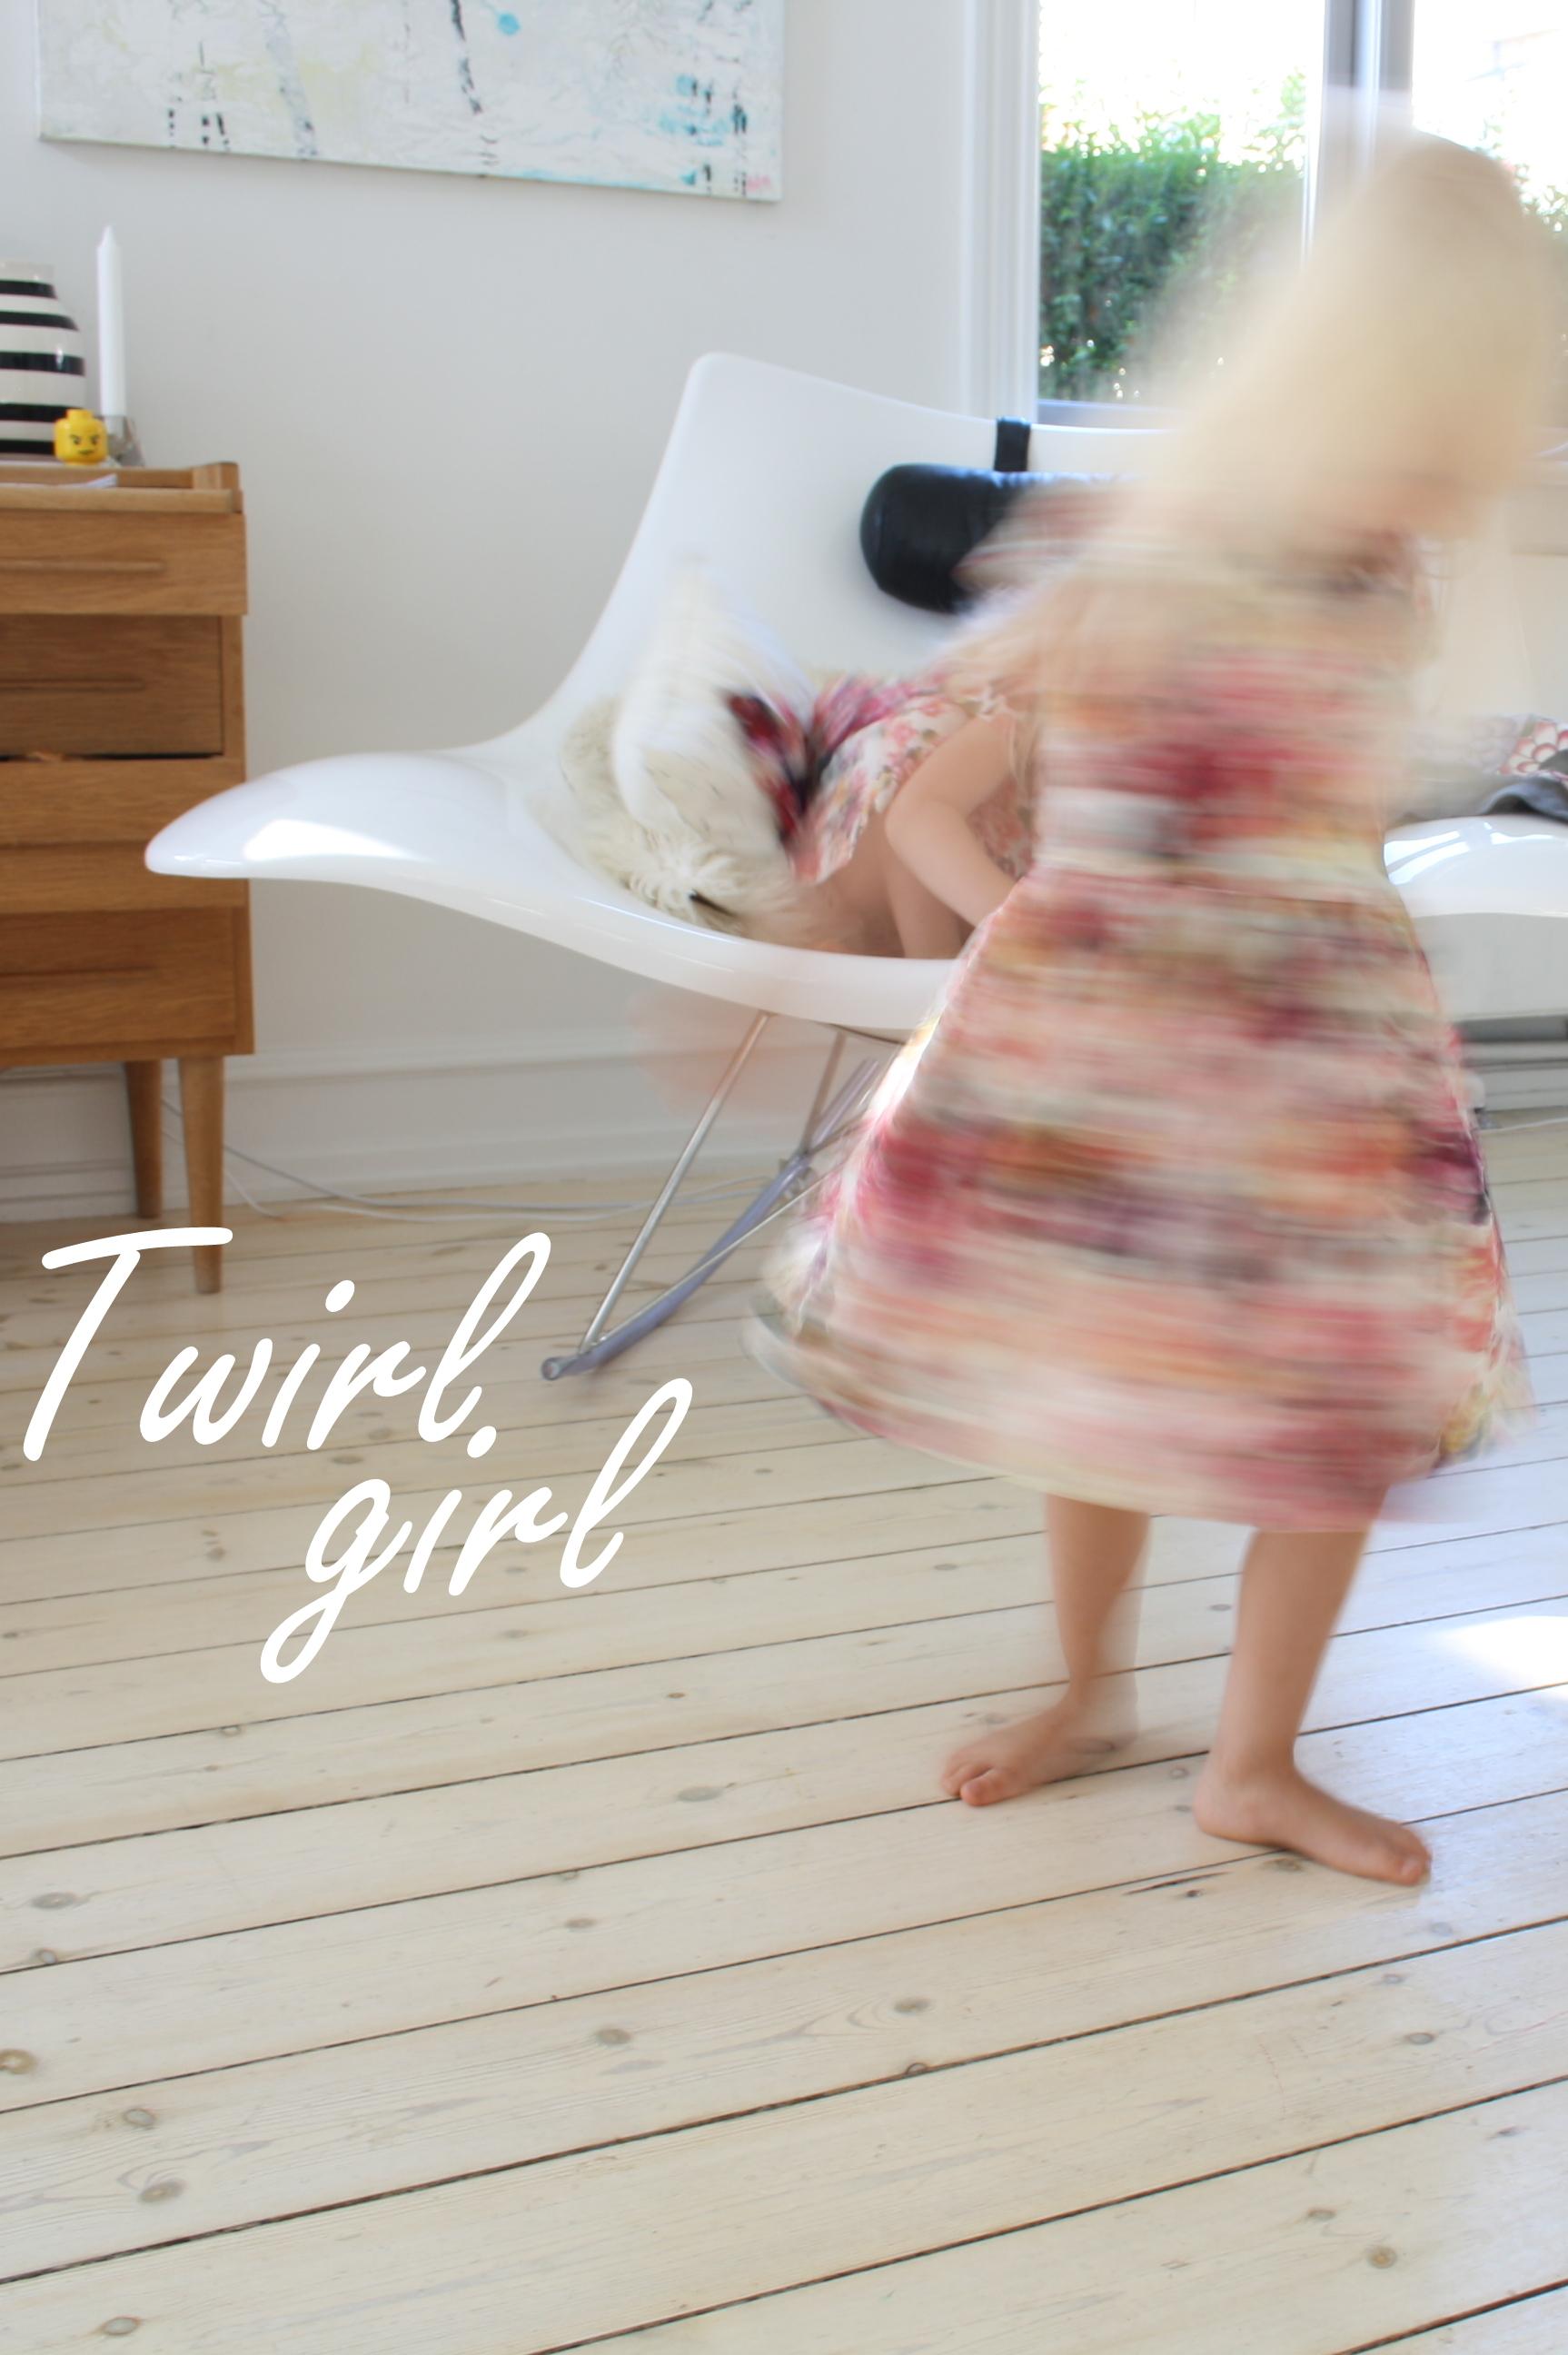 2013-09-06 22.16.06NY_twirl